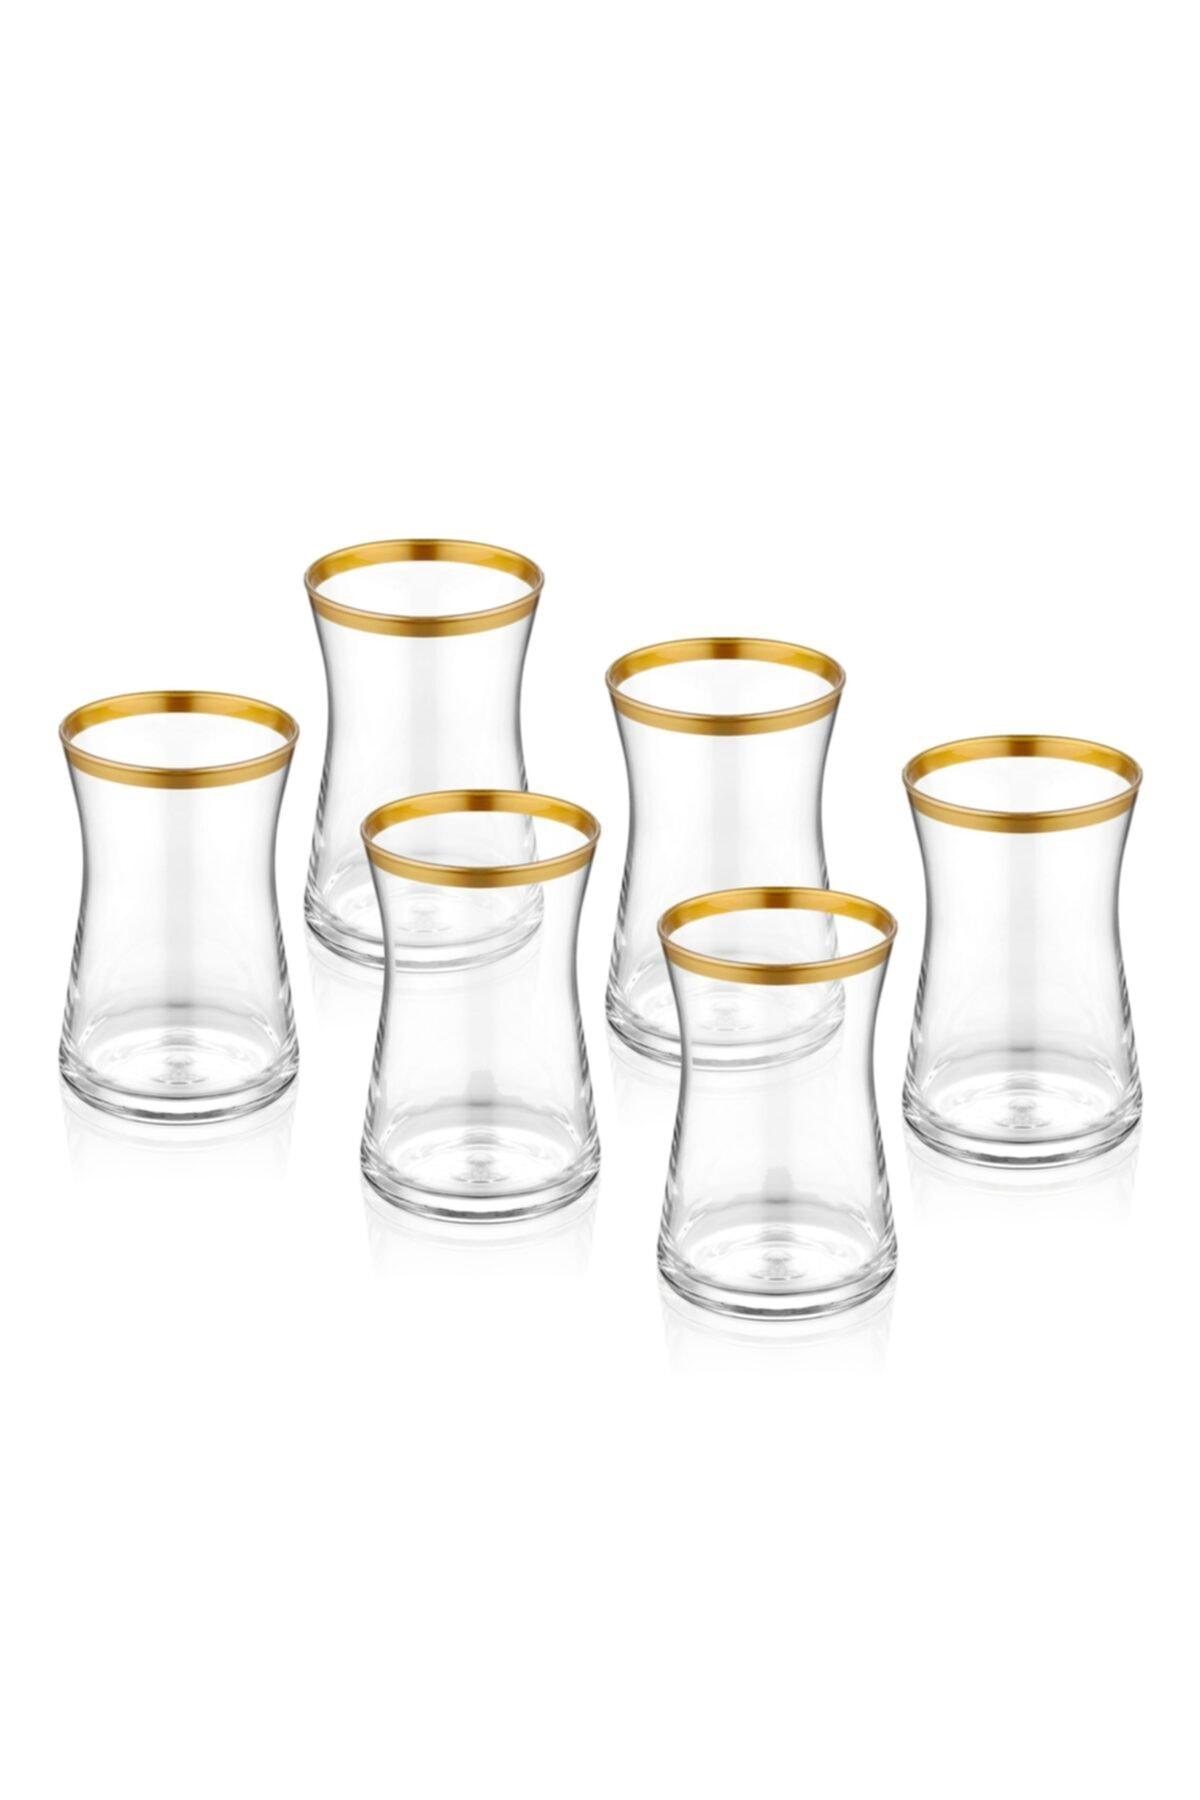 The Mia Glam Çay Bardağı 6 Adet Altın 1